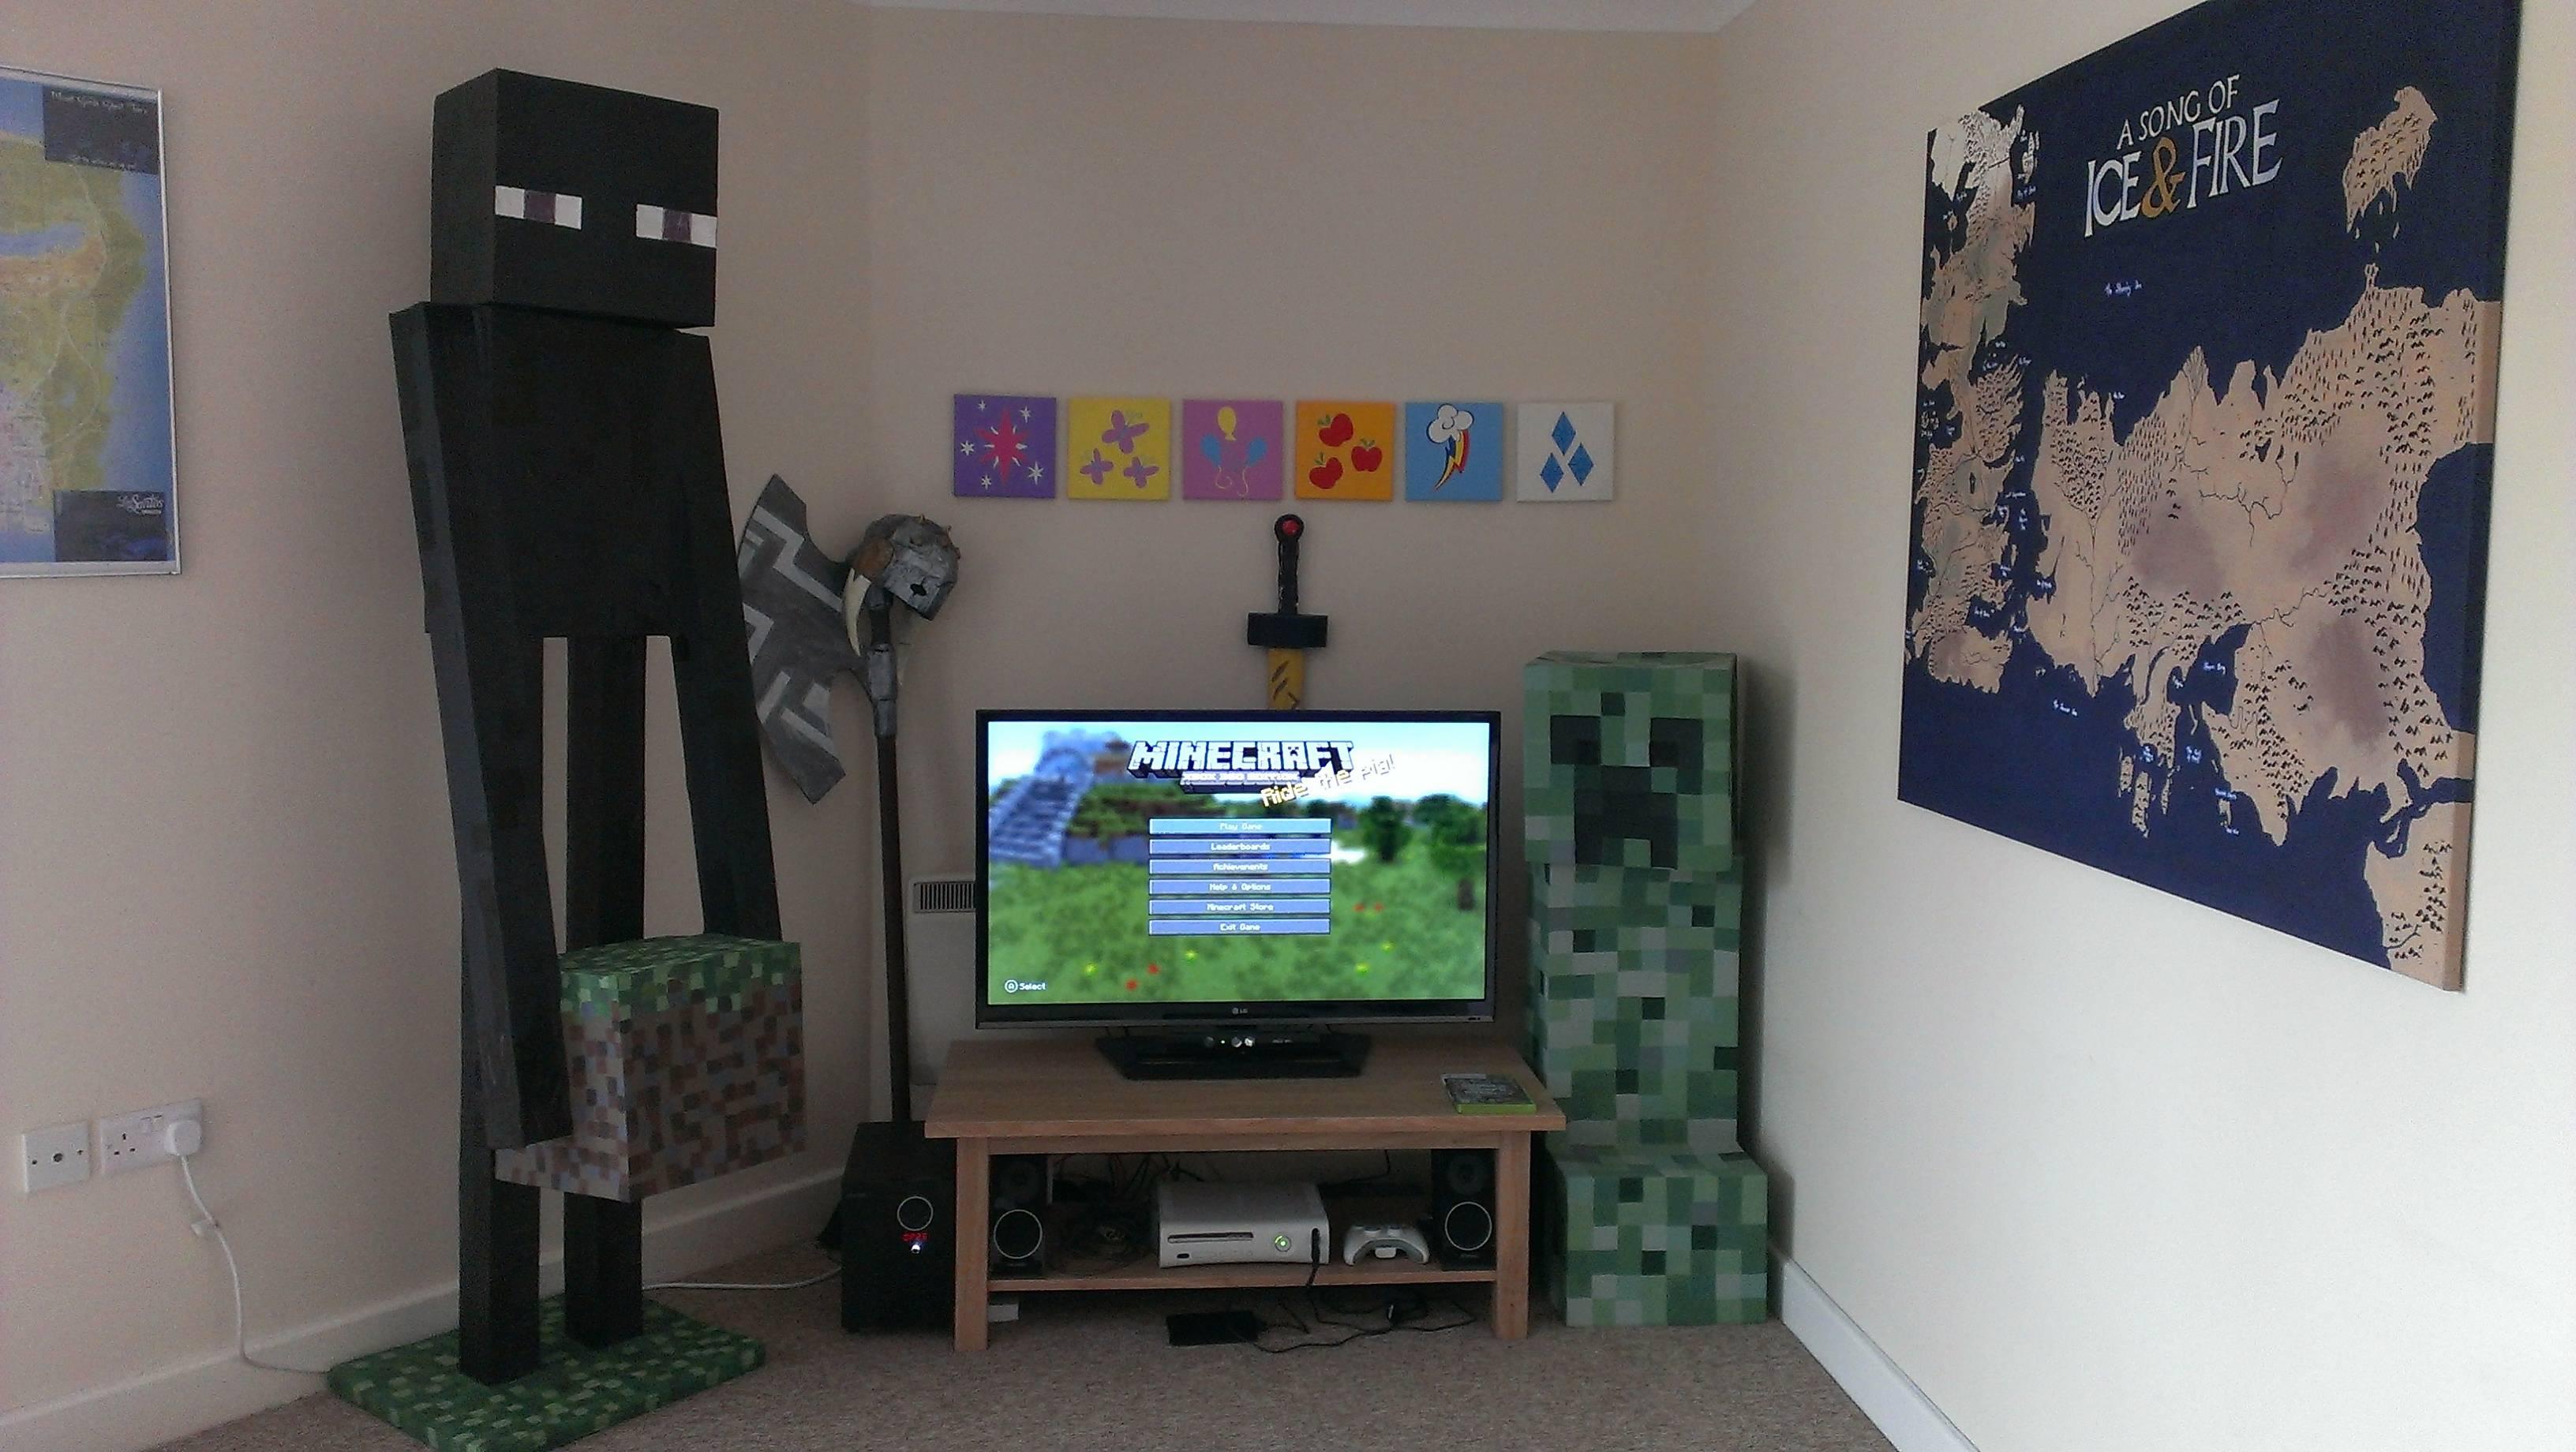 Top 10 Des Images De La Semaine 3 Minecraft Fr